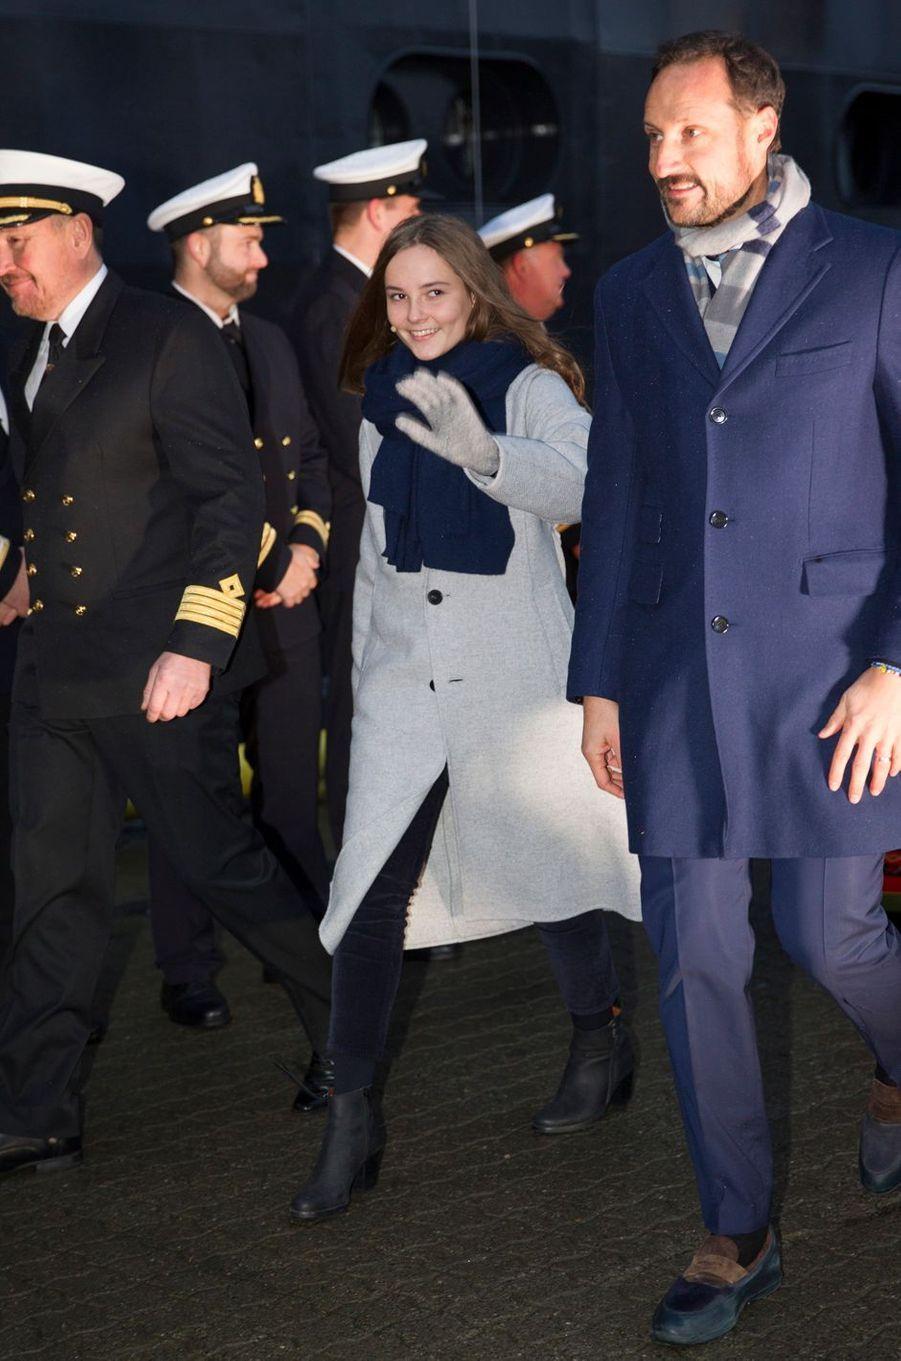 La princesse Ingrid Alexandra et son père le prince Haakon de Norvège à Tromso, le 17 novembre 2018